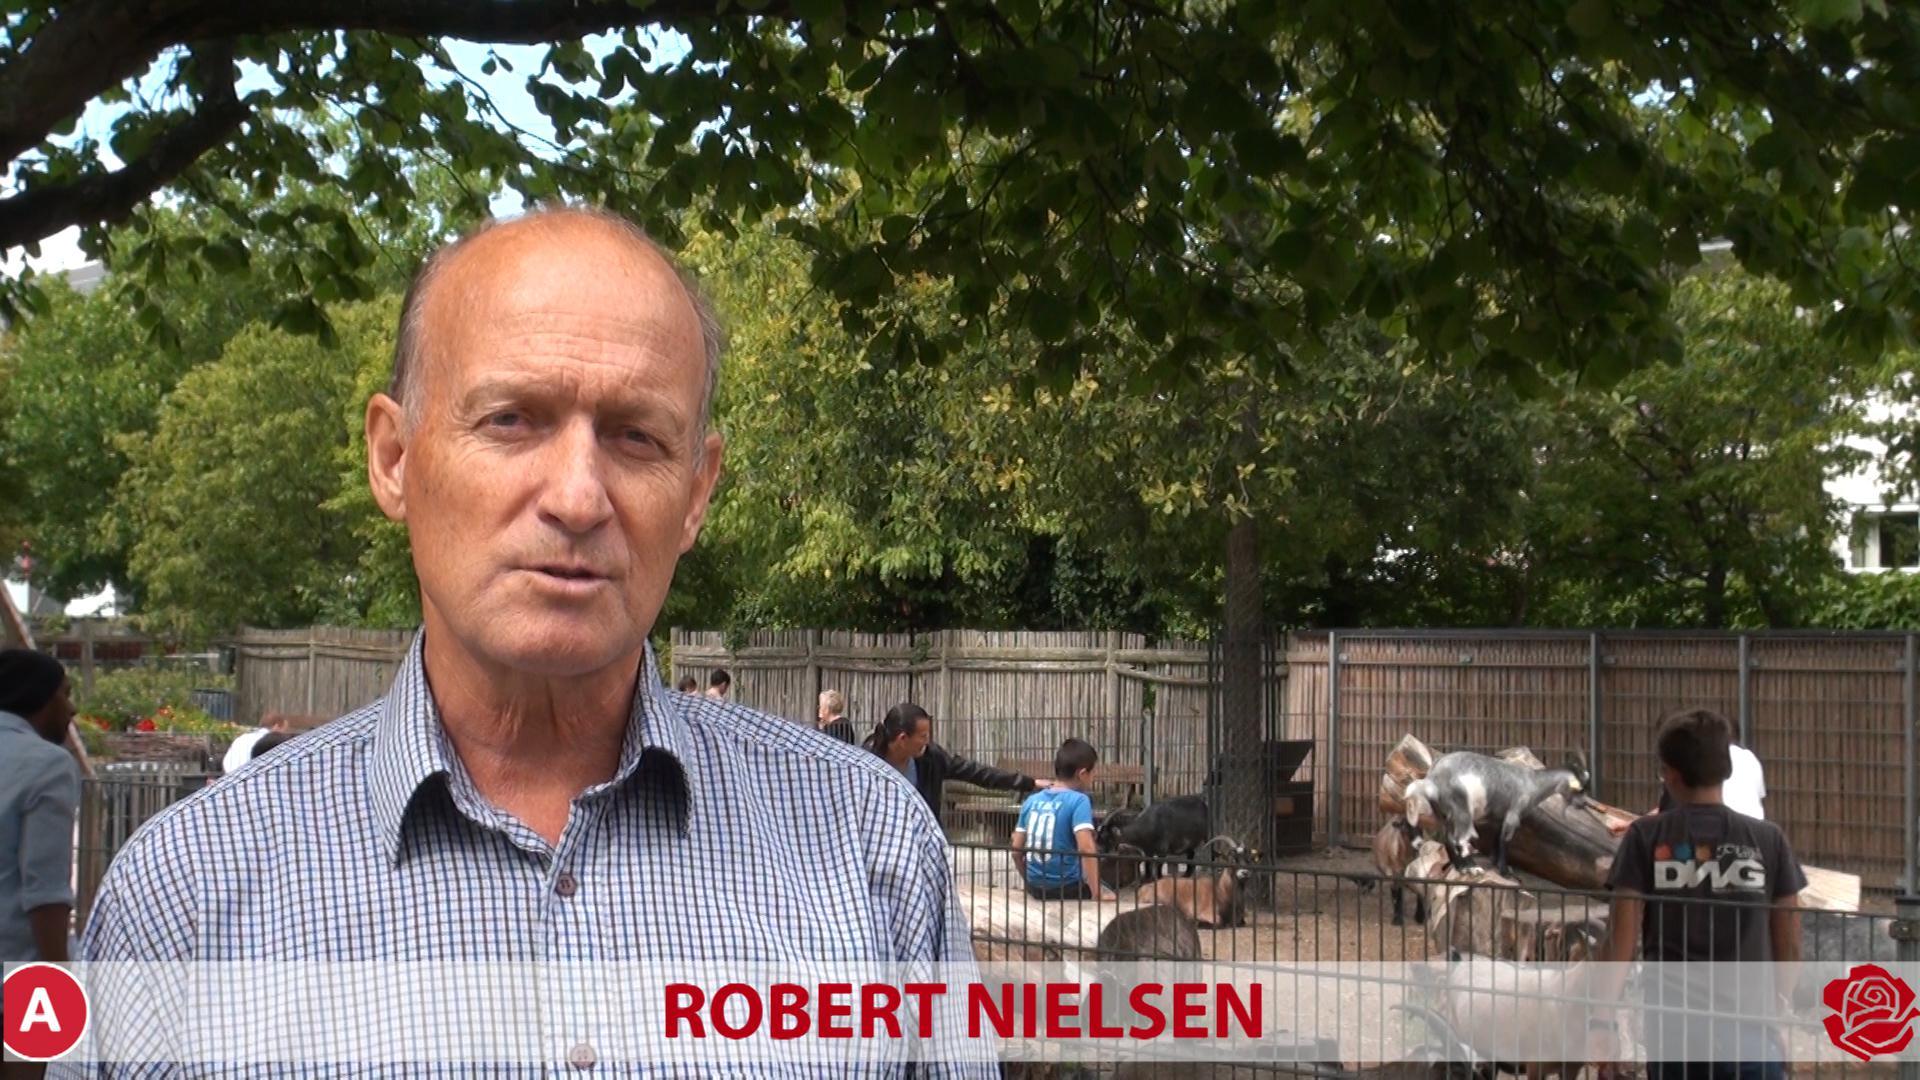 Robert Nielsen Valgvideo